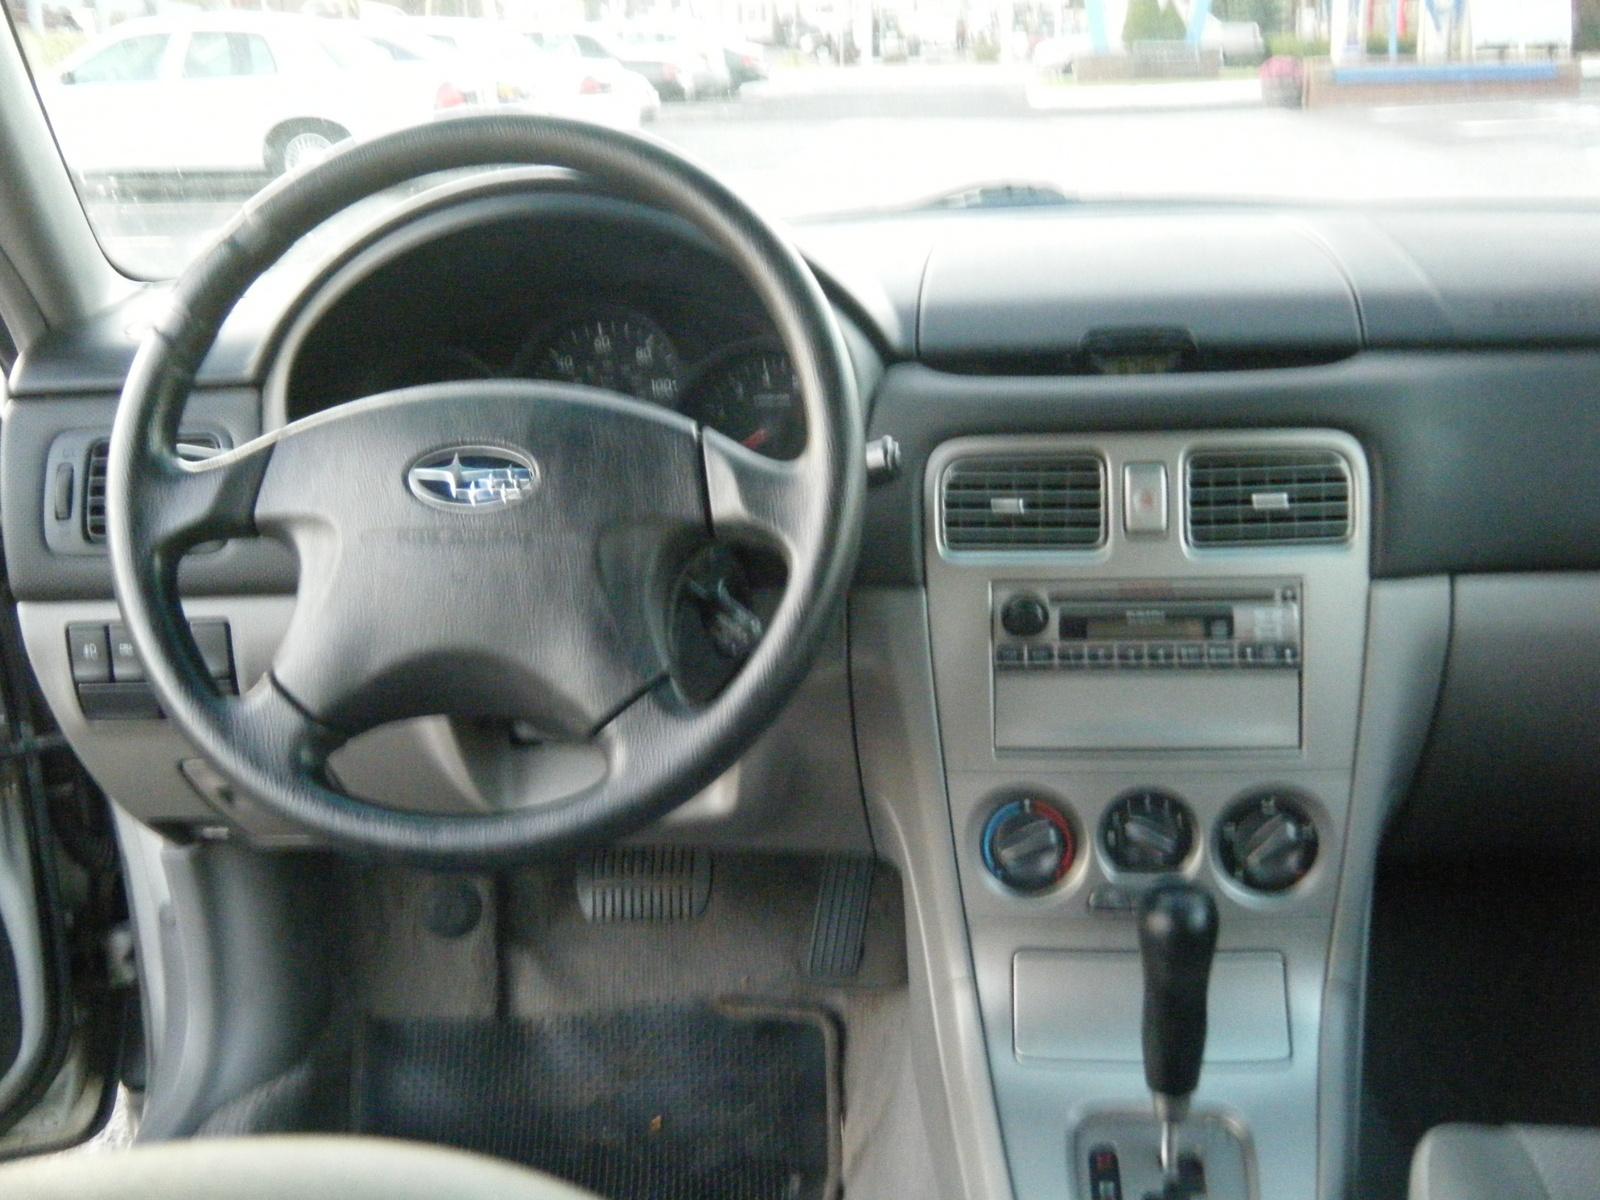 2003 Subaru Forester Interior Pictures Cargurus